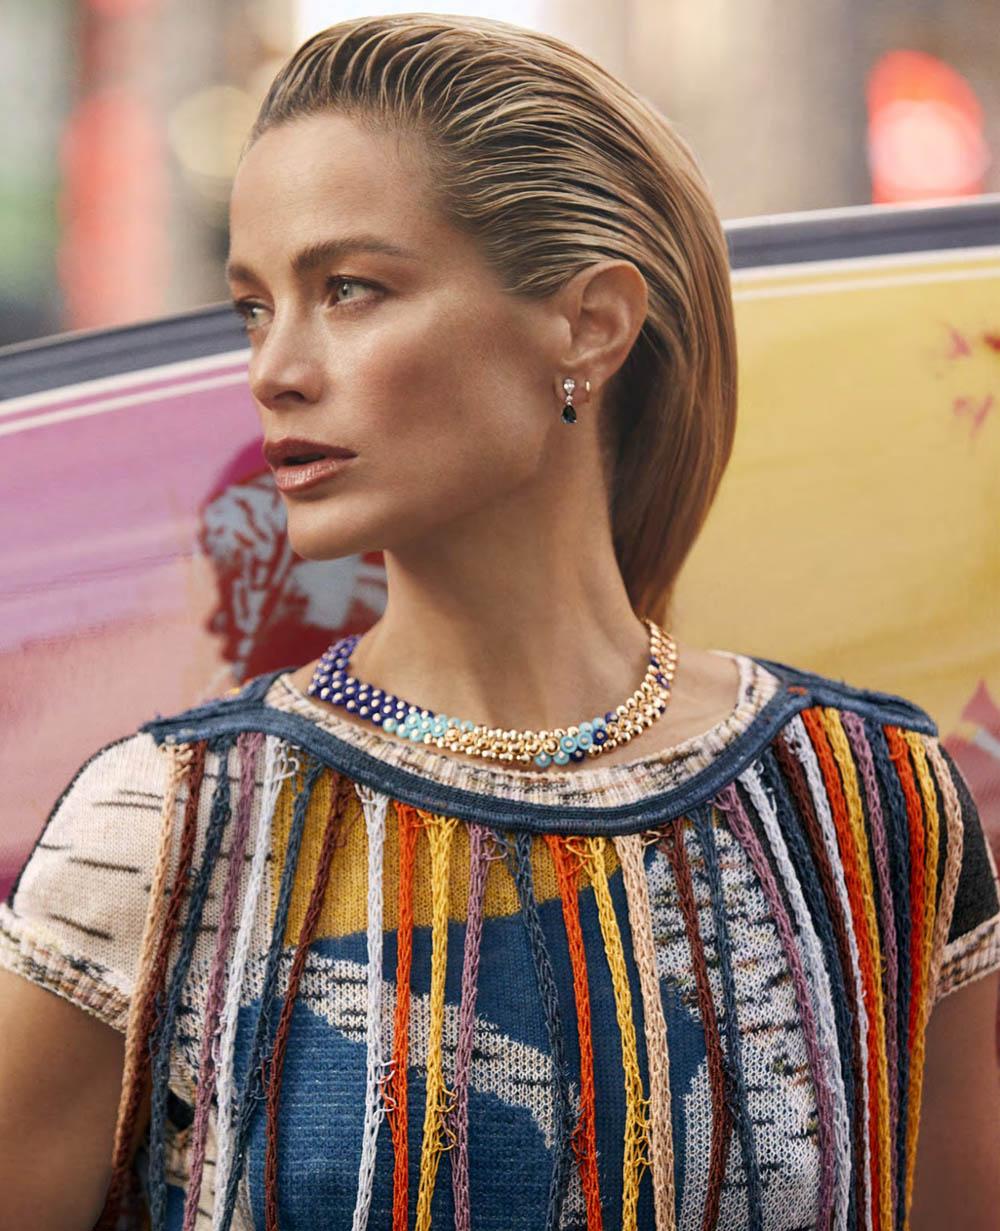 Carolyn Murphy by Zoey Grossman for Harper's Bazaar US March 2019